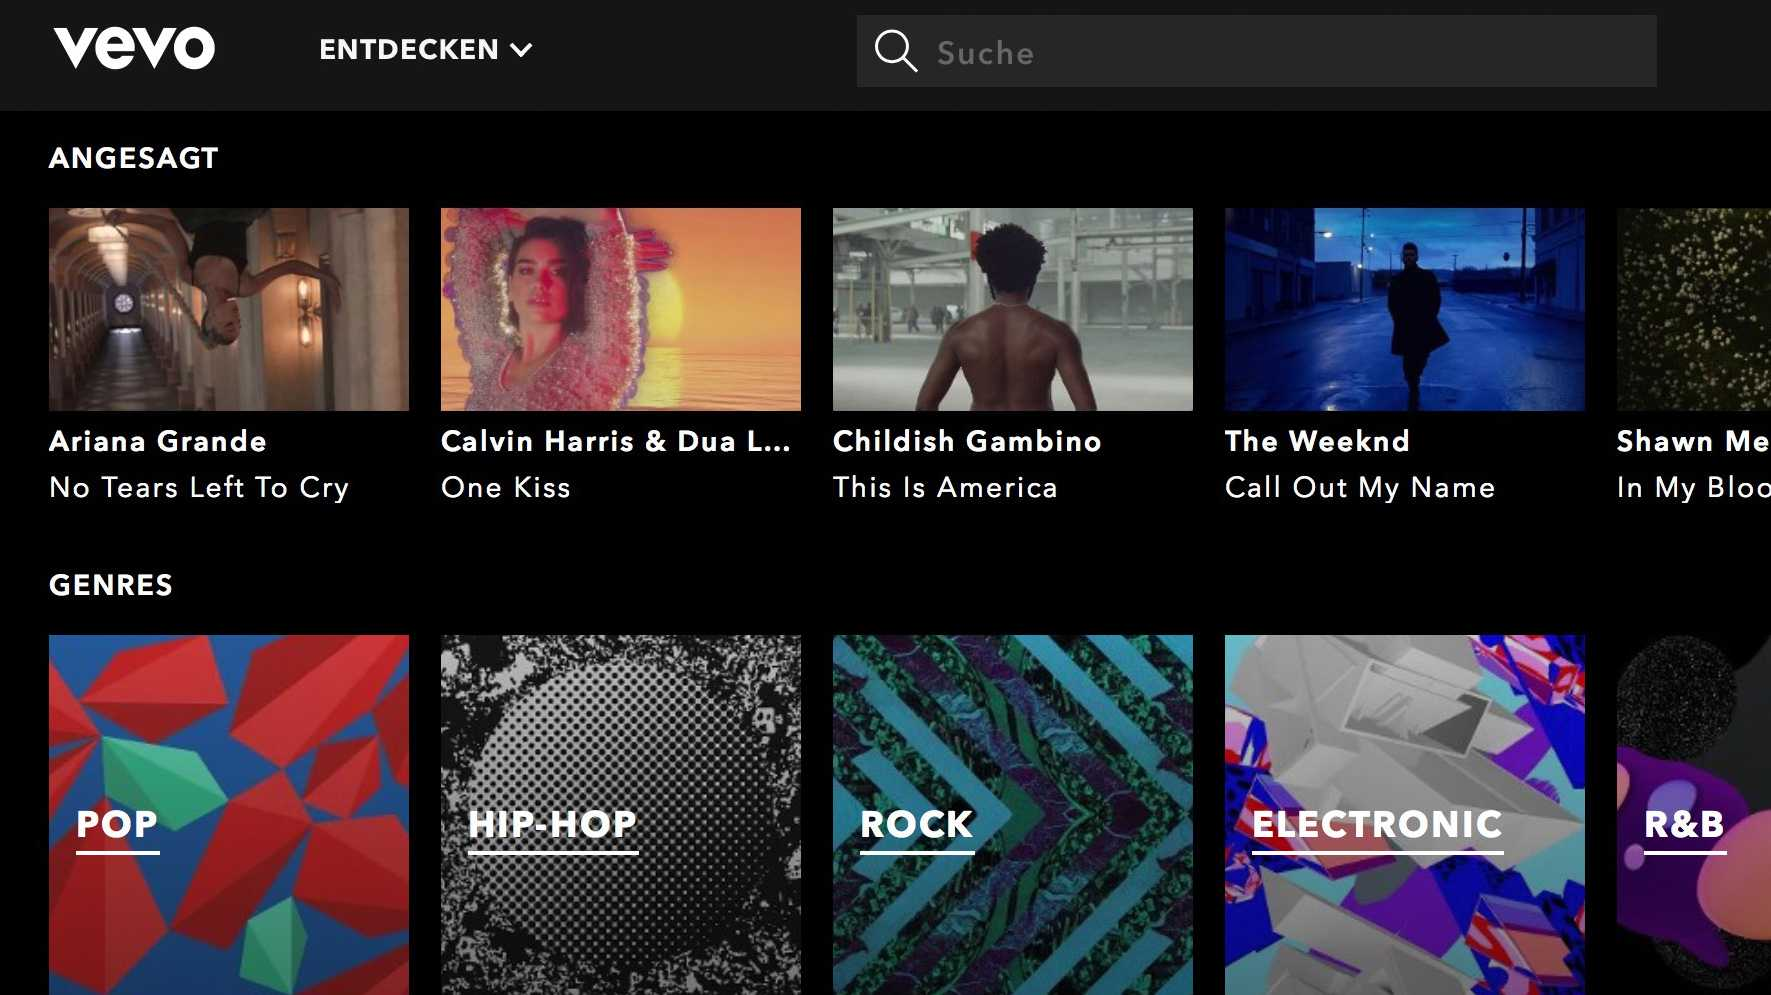 Musikvideo-Dienst Vevo stellt eigene Plattform ein